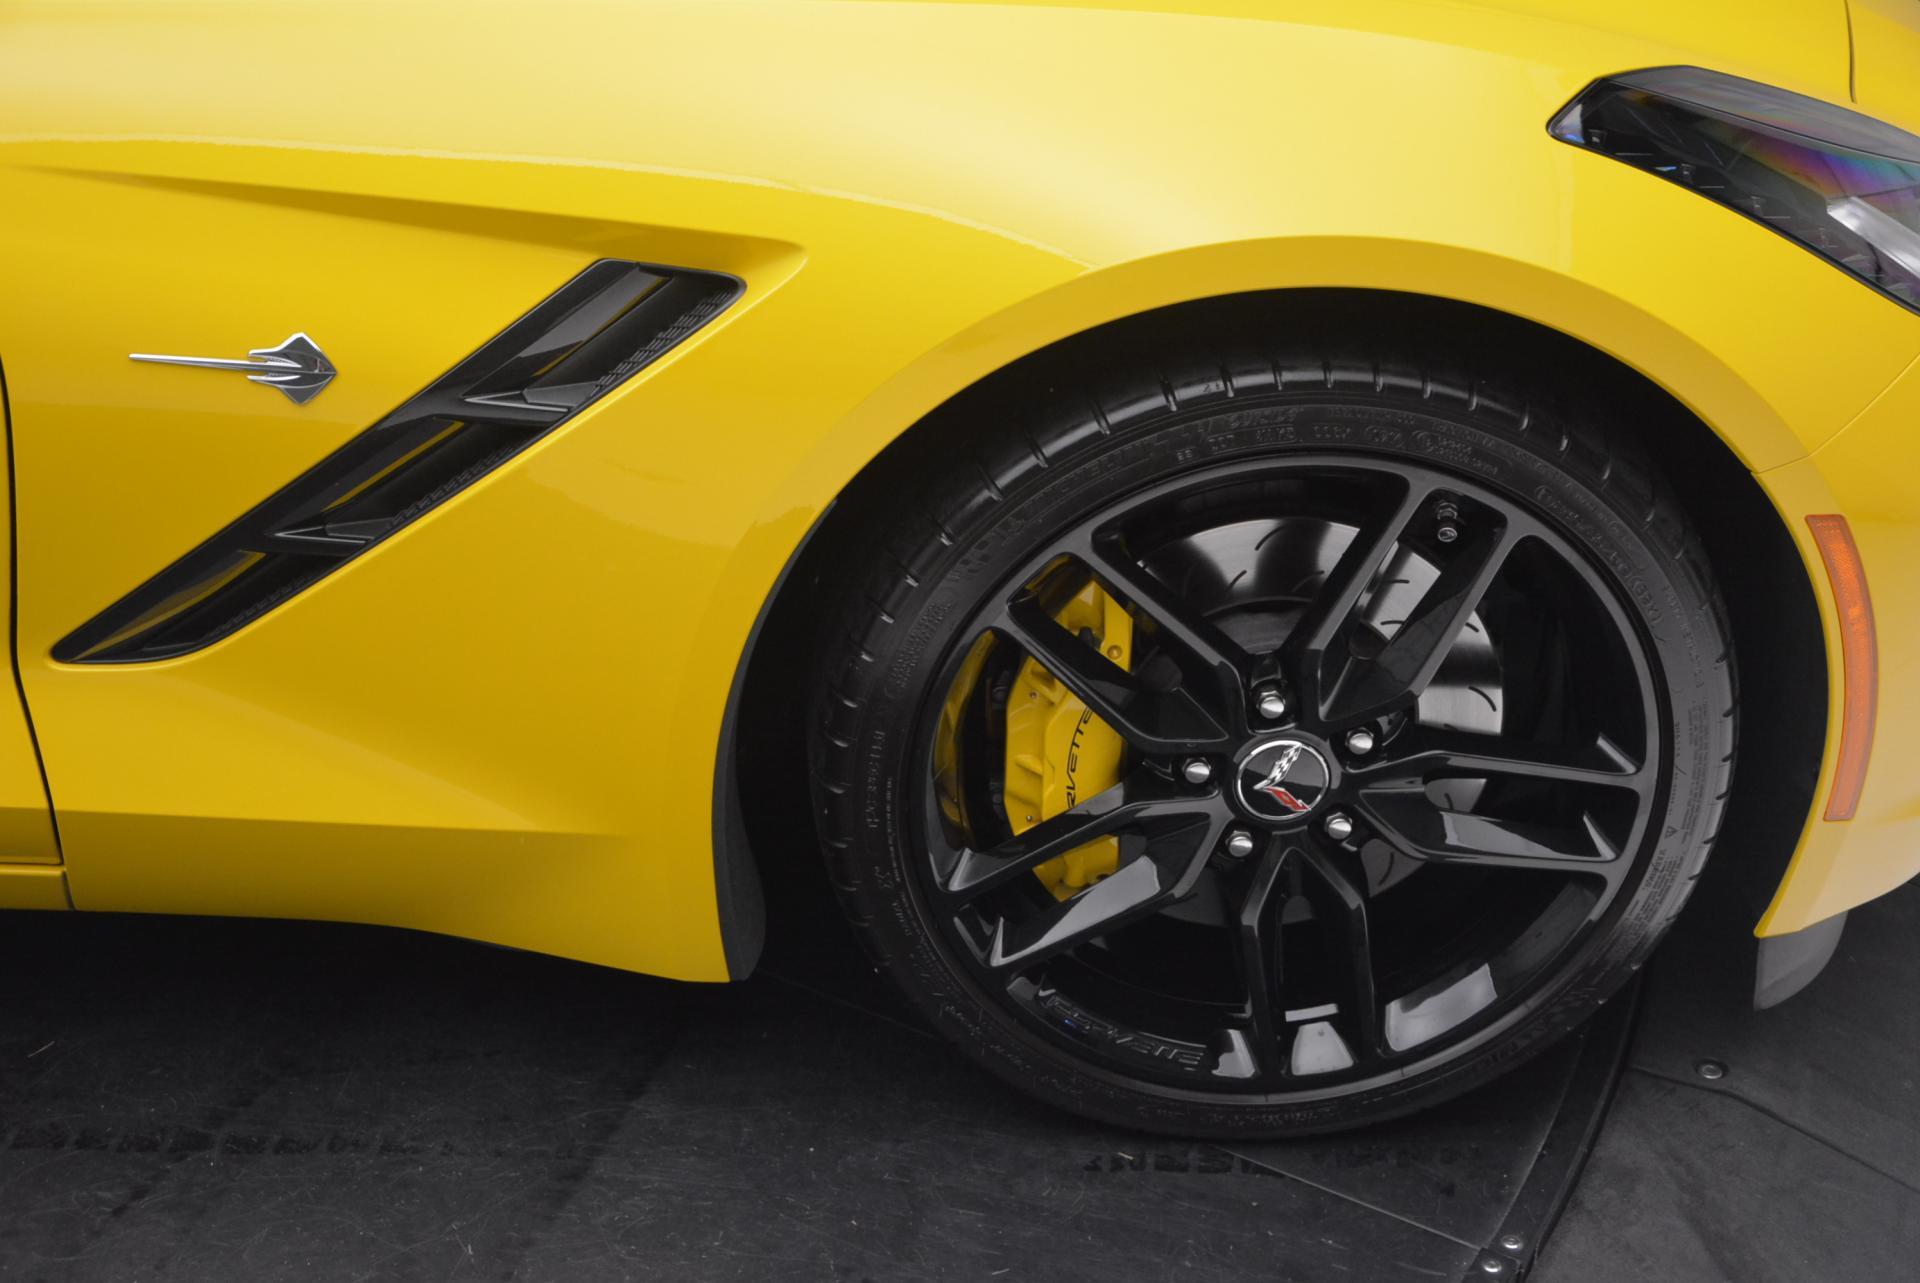 Used 2014 Chevrolet Corvette Stingray Z51 For Sale In Greenwich, CT. Alfa Romeo of Greenwich, 7088 523_p21